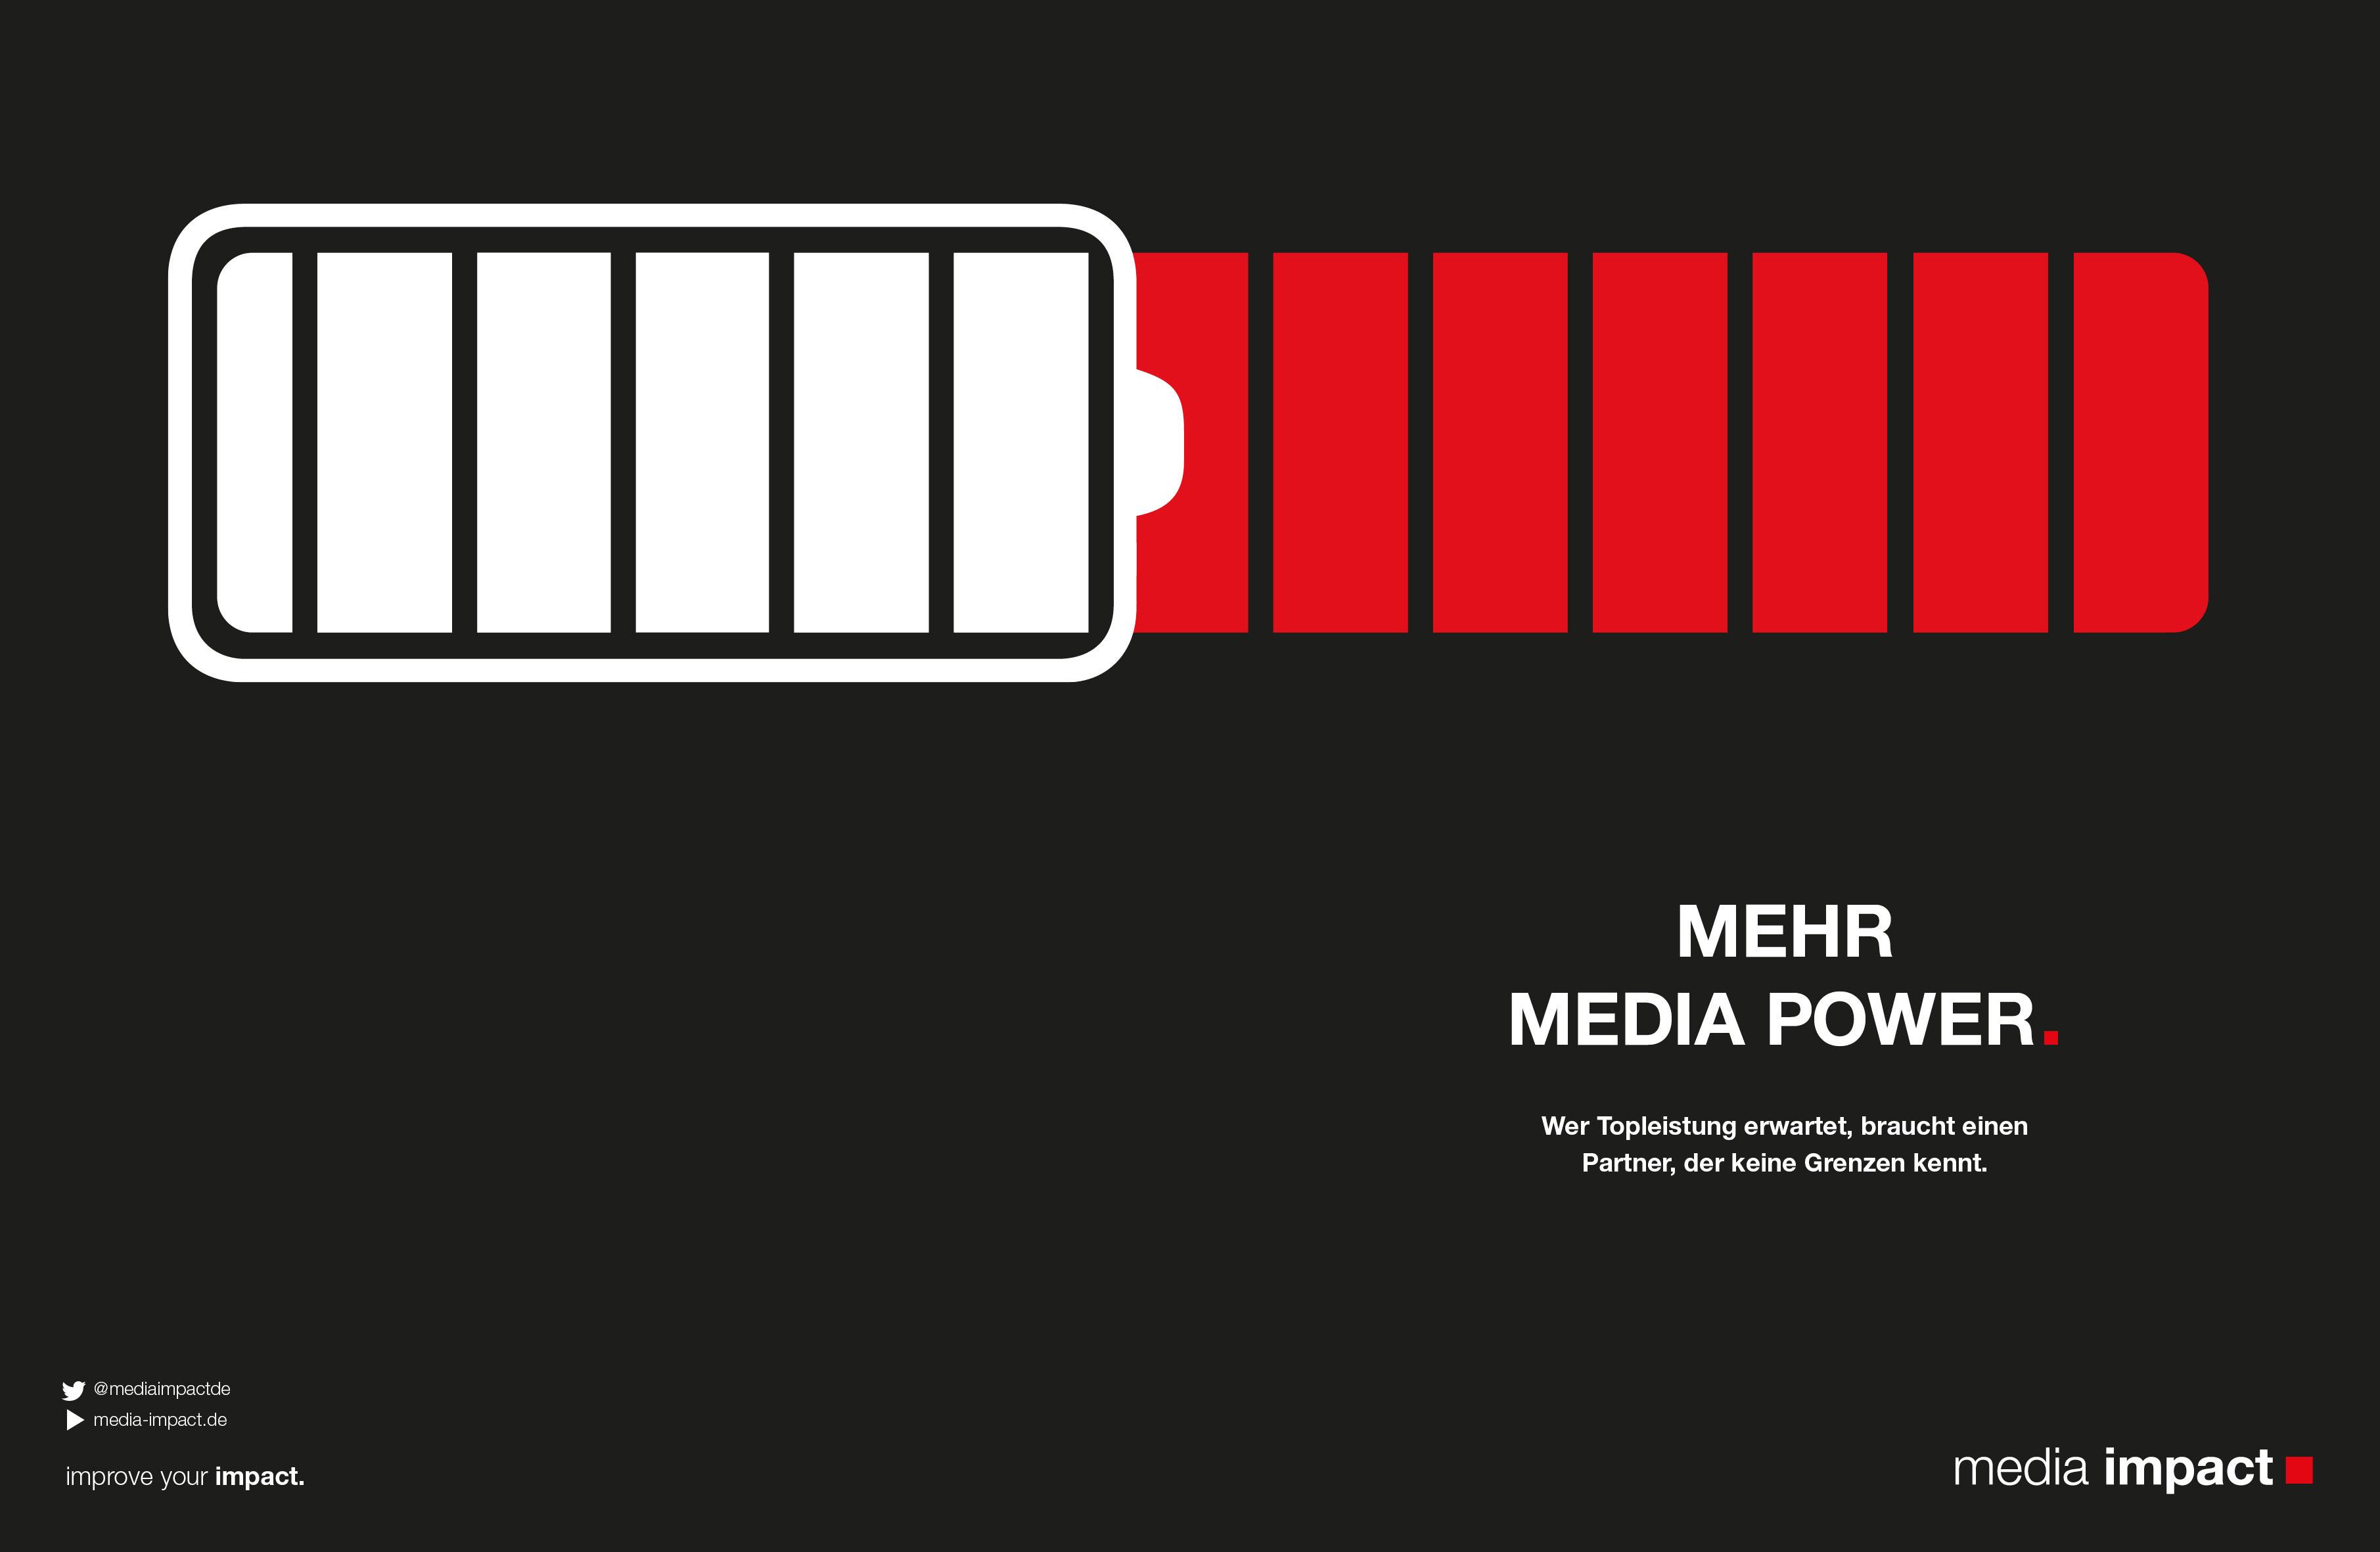 Media Impact Mehr Power Motiv Batterie